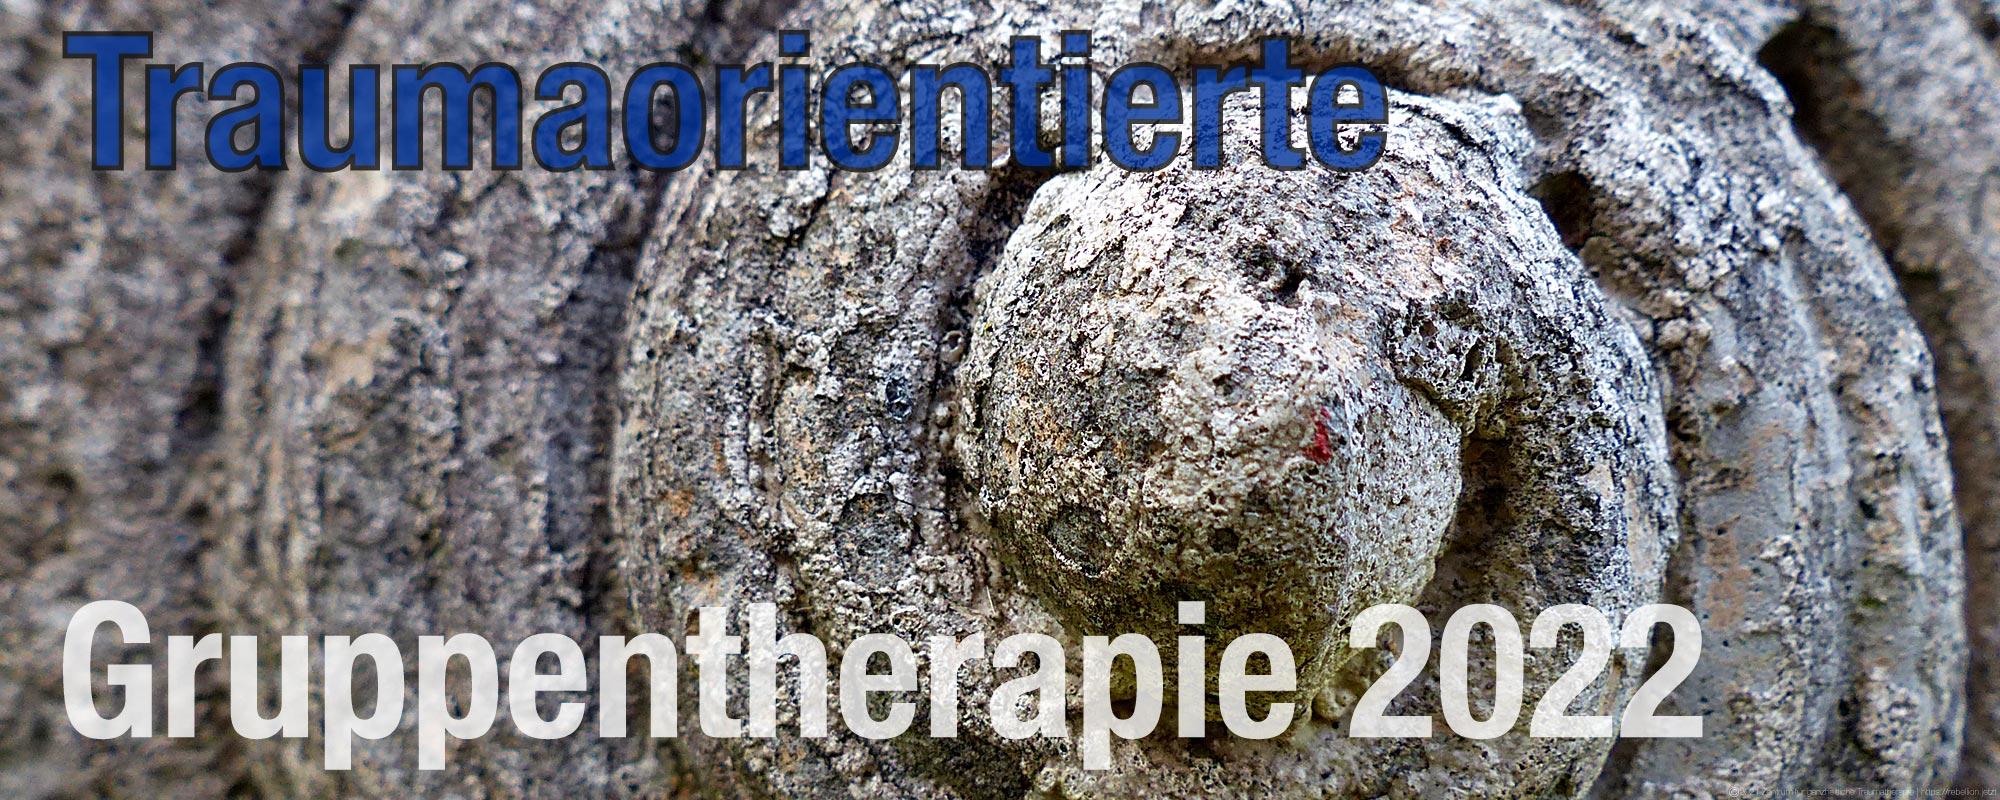 Traumaorientierte Gruppentherapie 2022 Rebellion Zentrum für ganzheitliche Traumatherapie